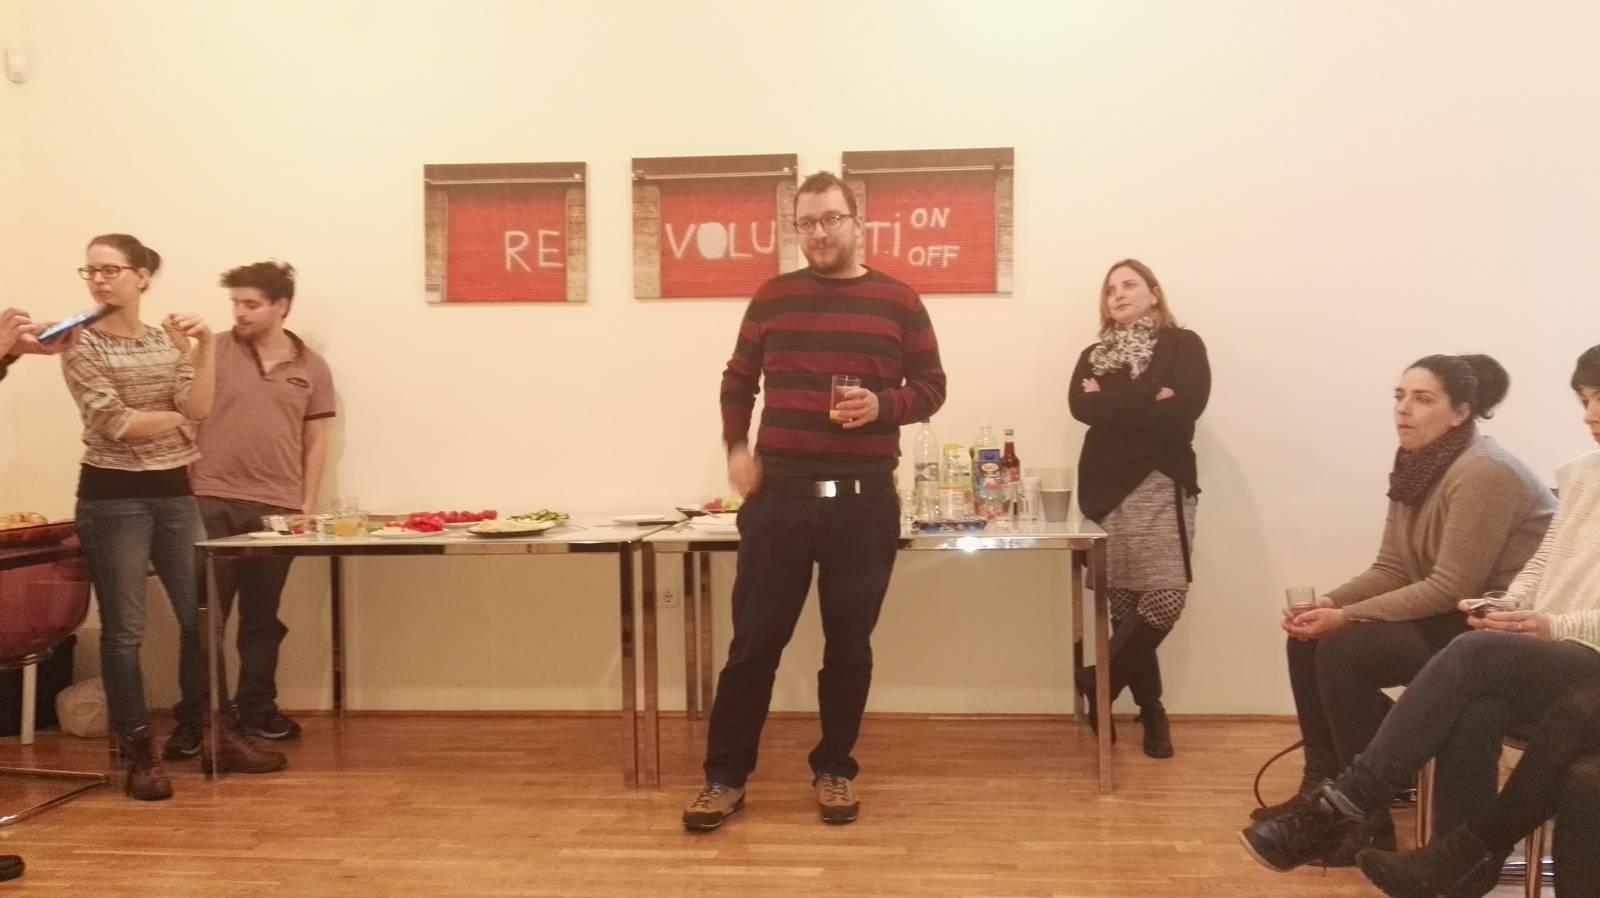 Pál Bori, Neumann Péter, Czingel Szilvia, Szalai Nóra